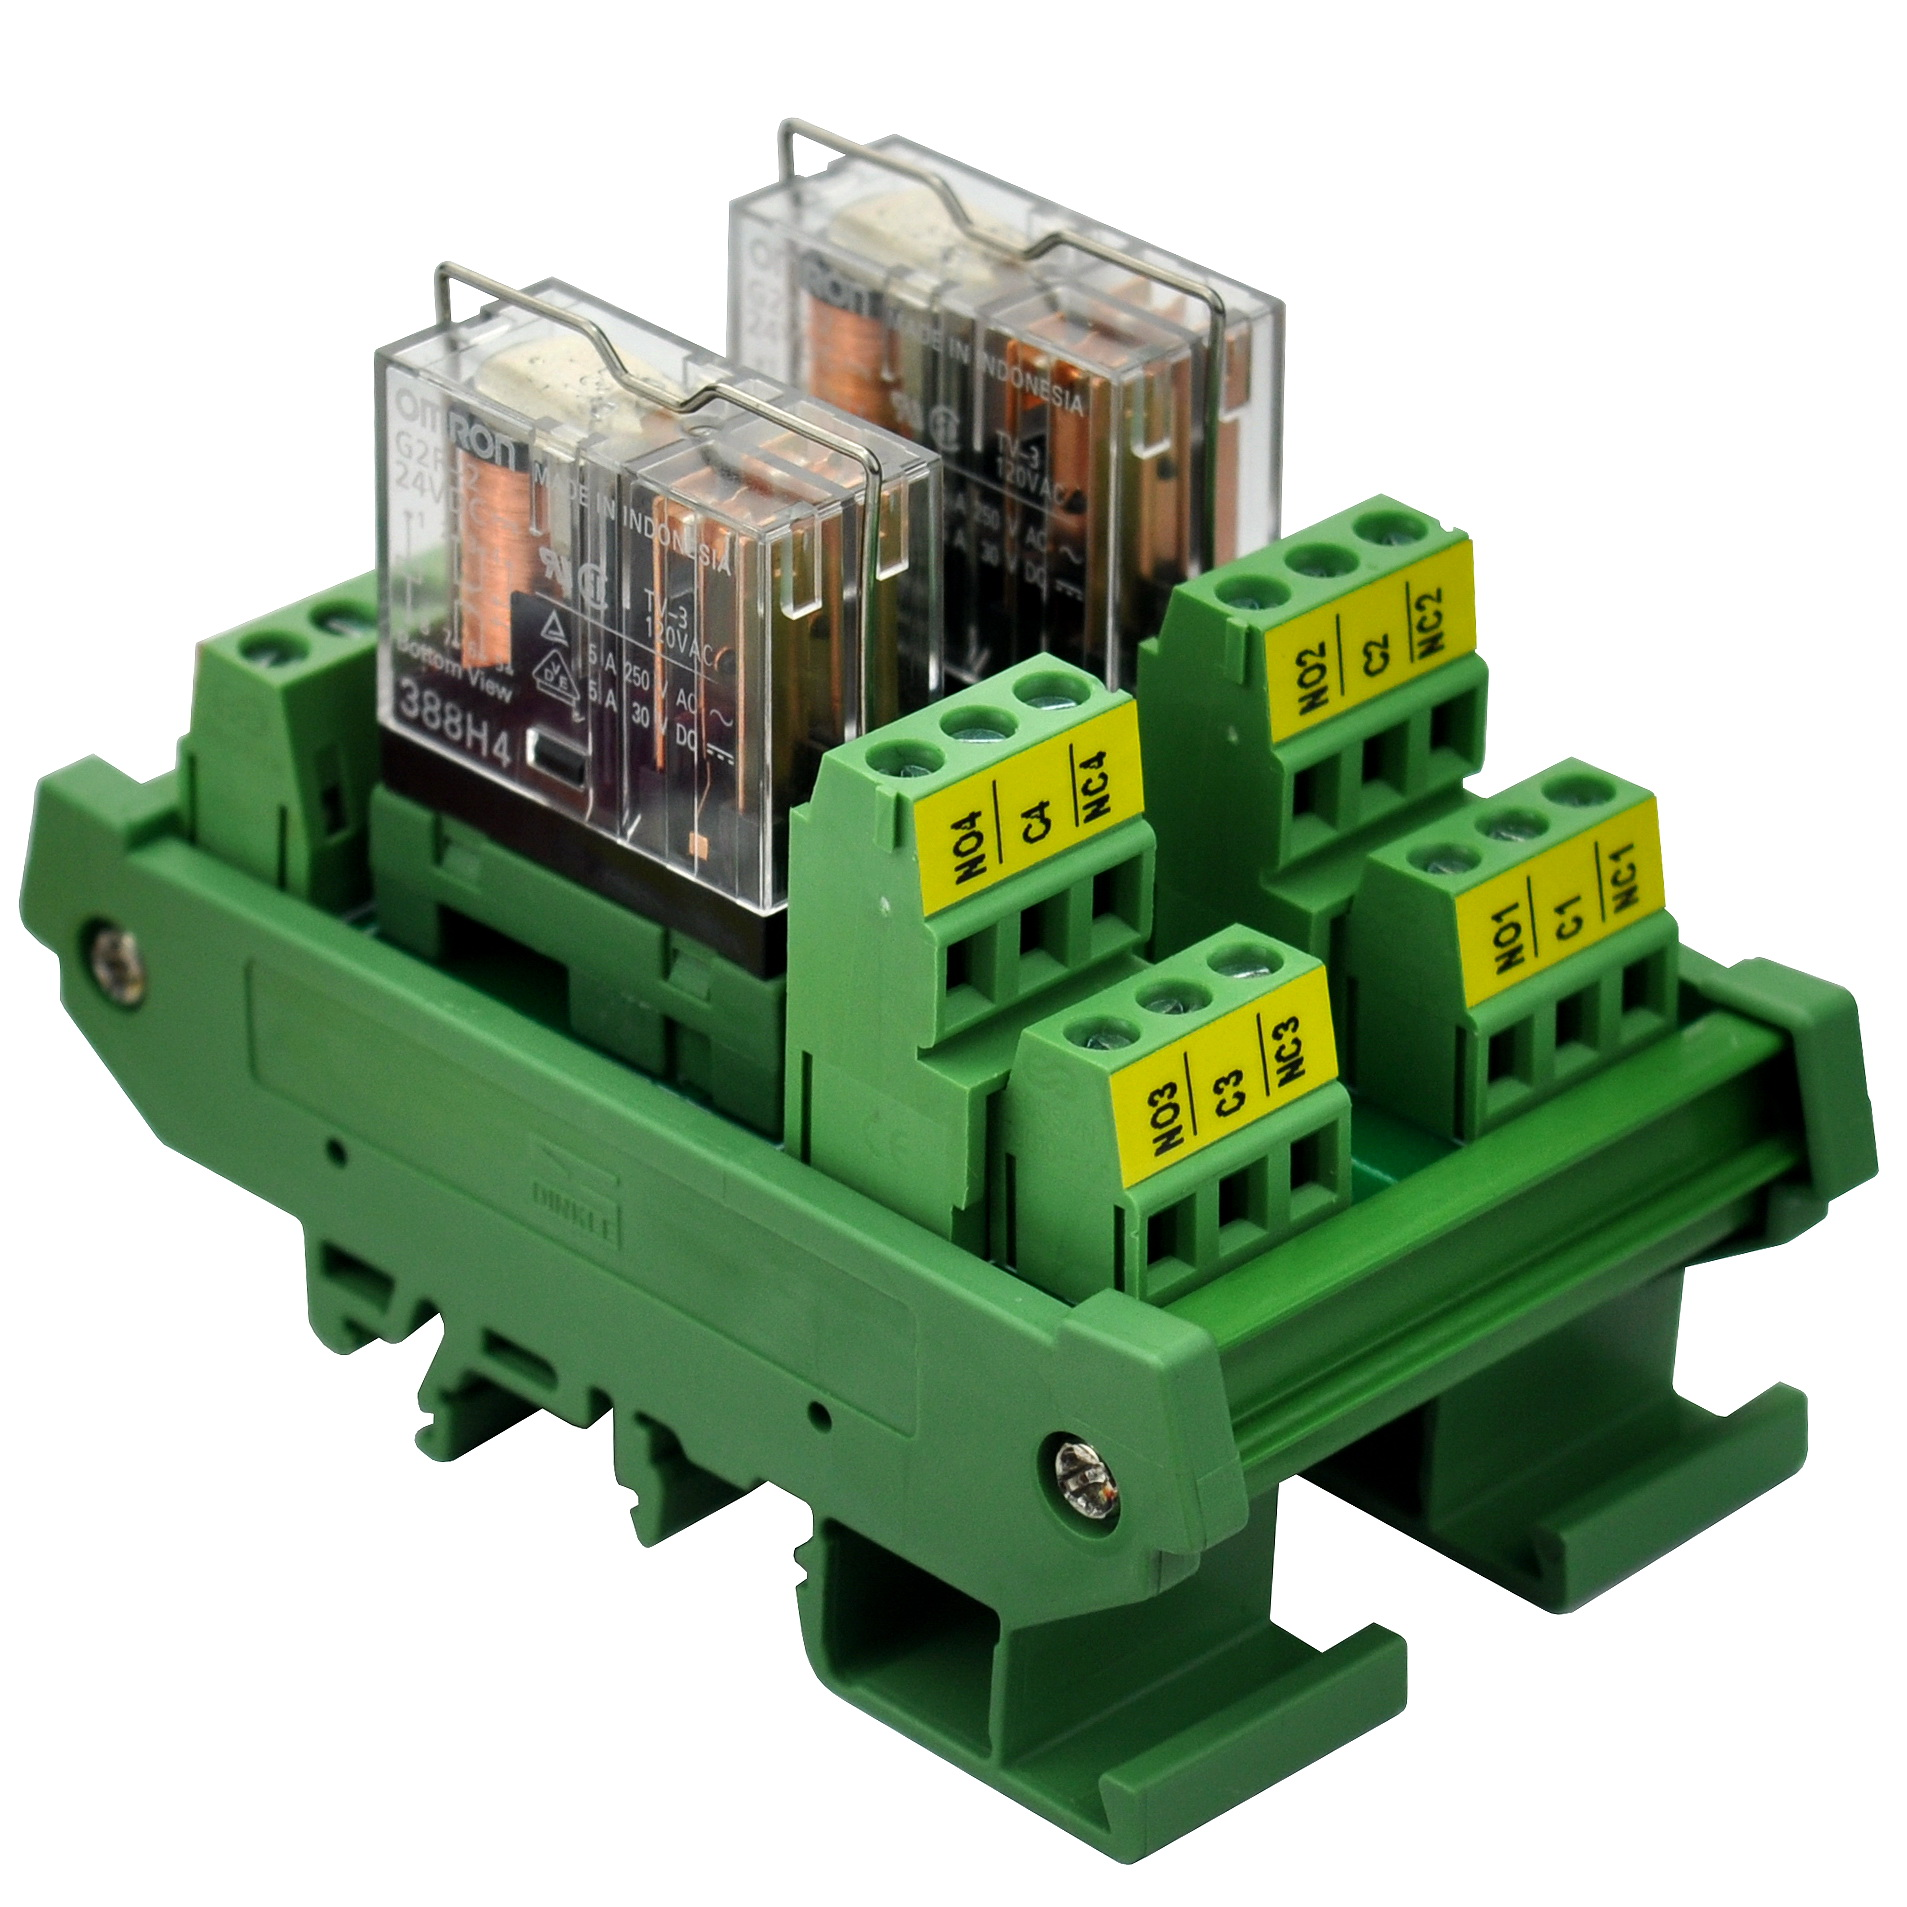 Электроника-салон DIN рейку крепление AC/DC 24V управления 2 DPDT 5Amp Подключаемый модуль интерфейса реле питания